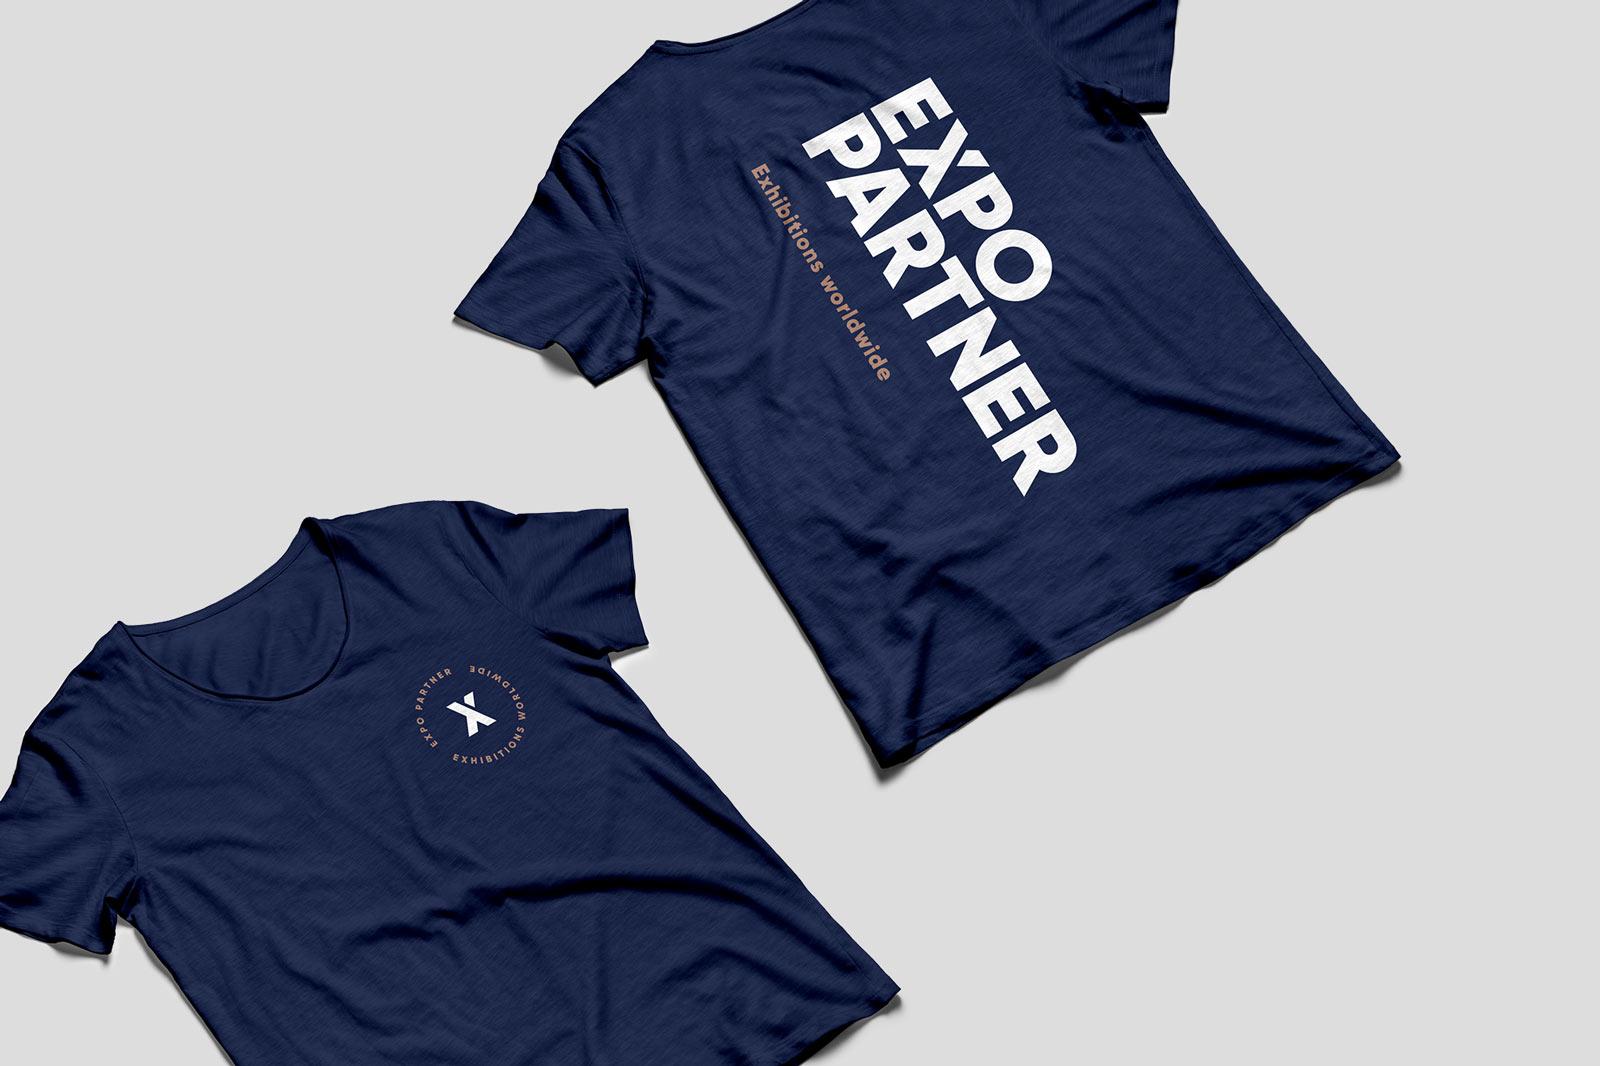 Expo Partner shirts